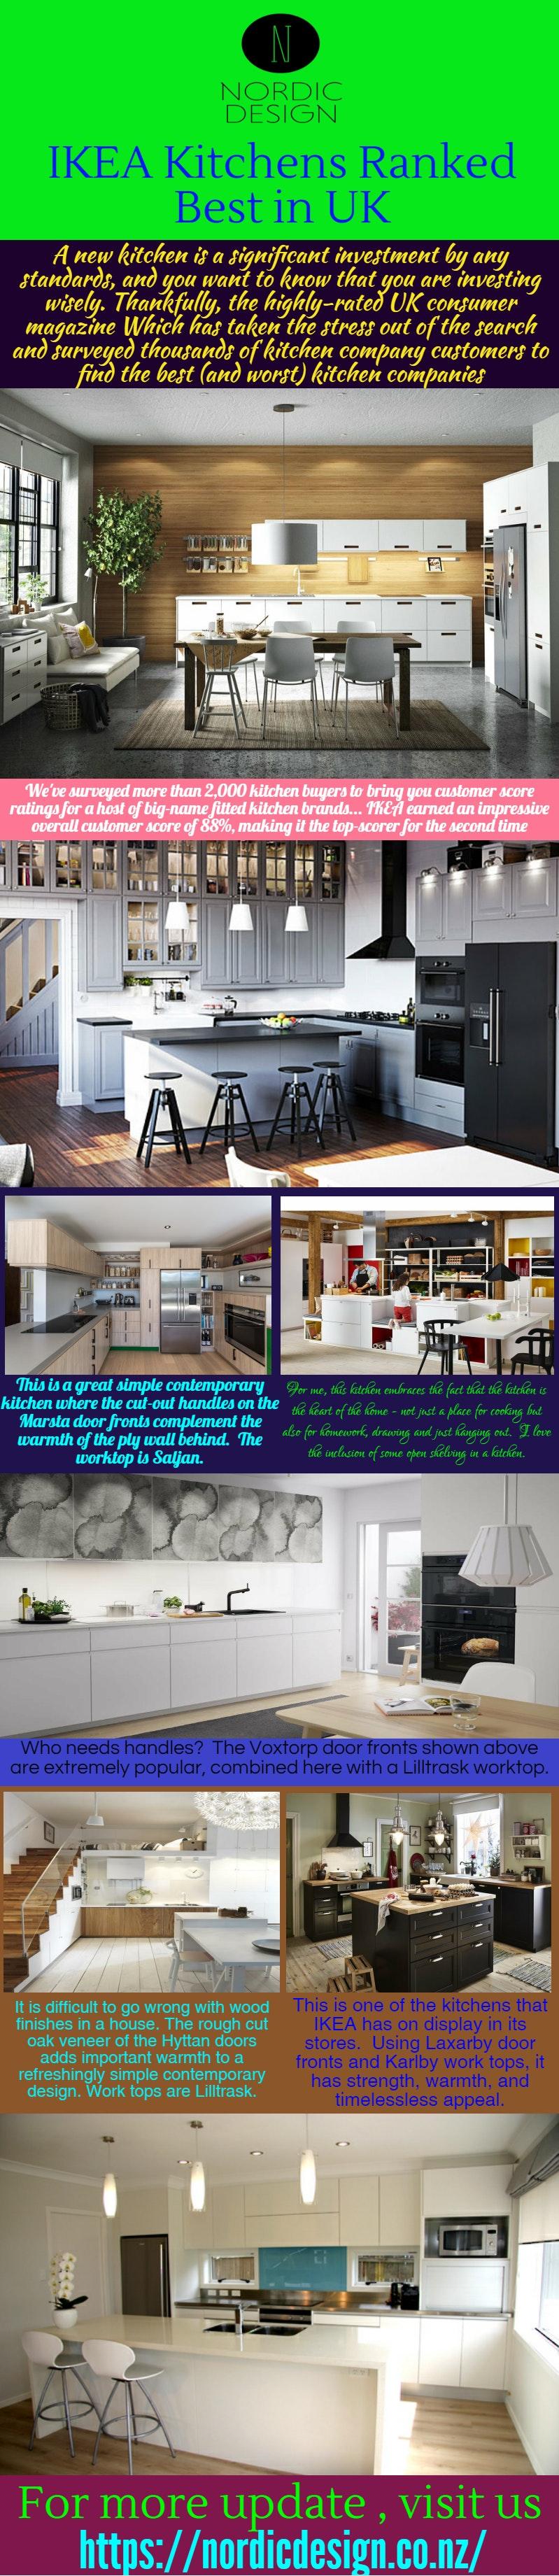 Ziemlich Kleine Küche Design Ideen Nz Fotos - Küchen Design Ideen ...